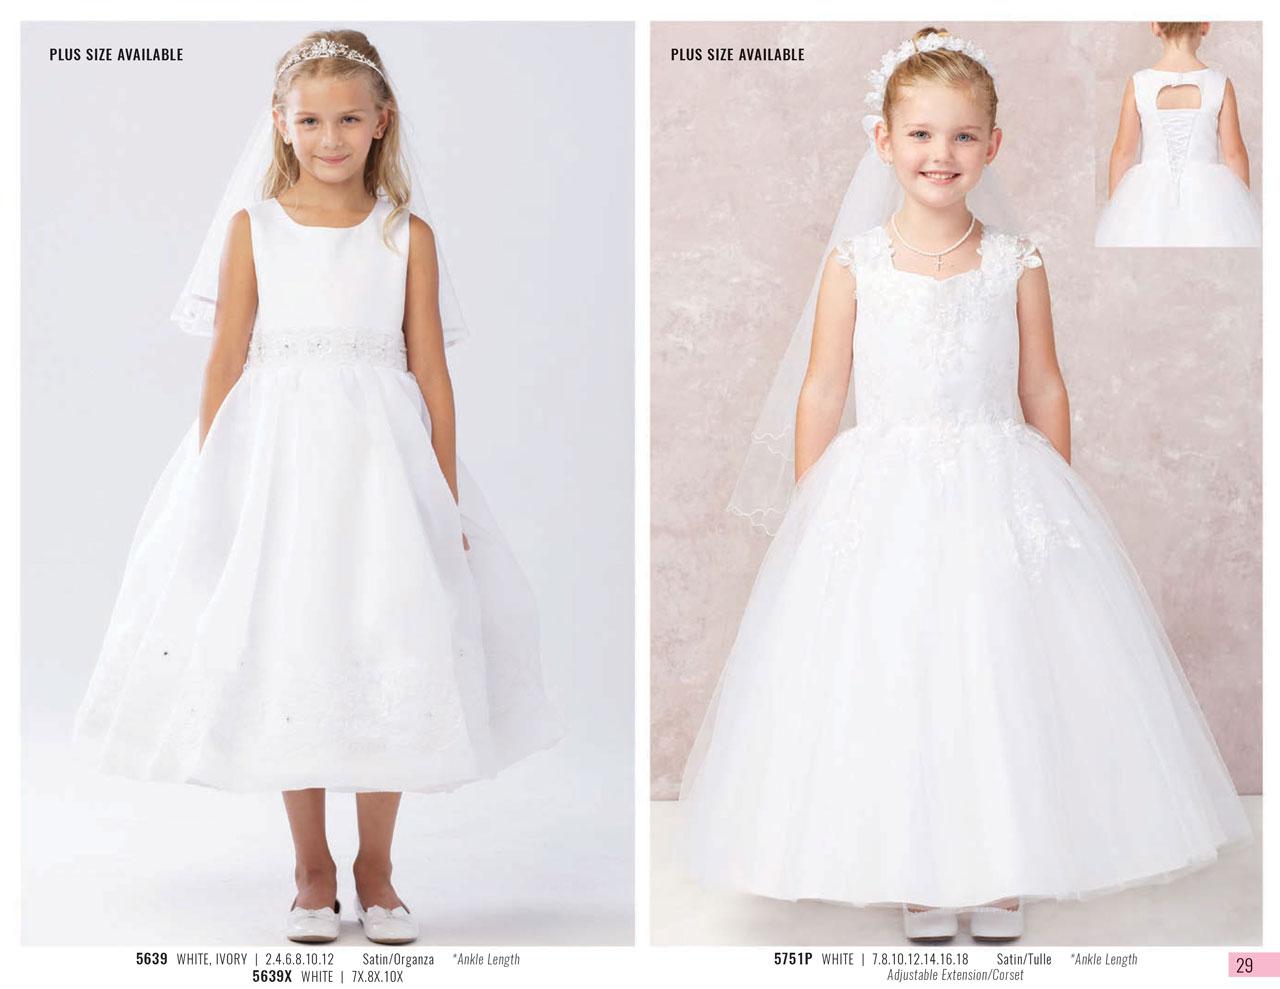 fancy girl dresses for weddings | Azbride